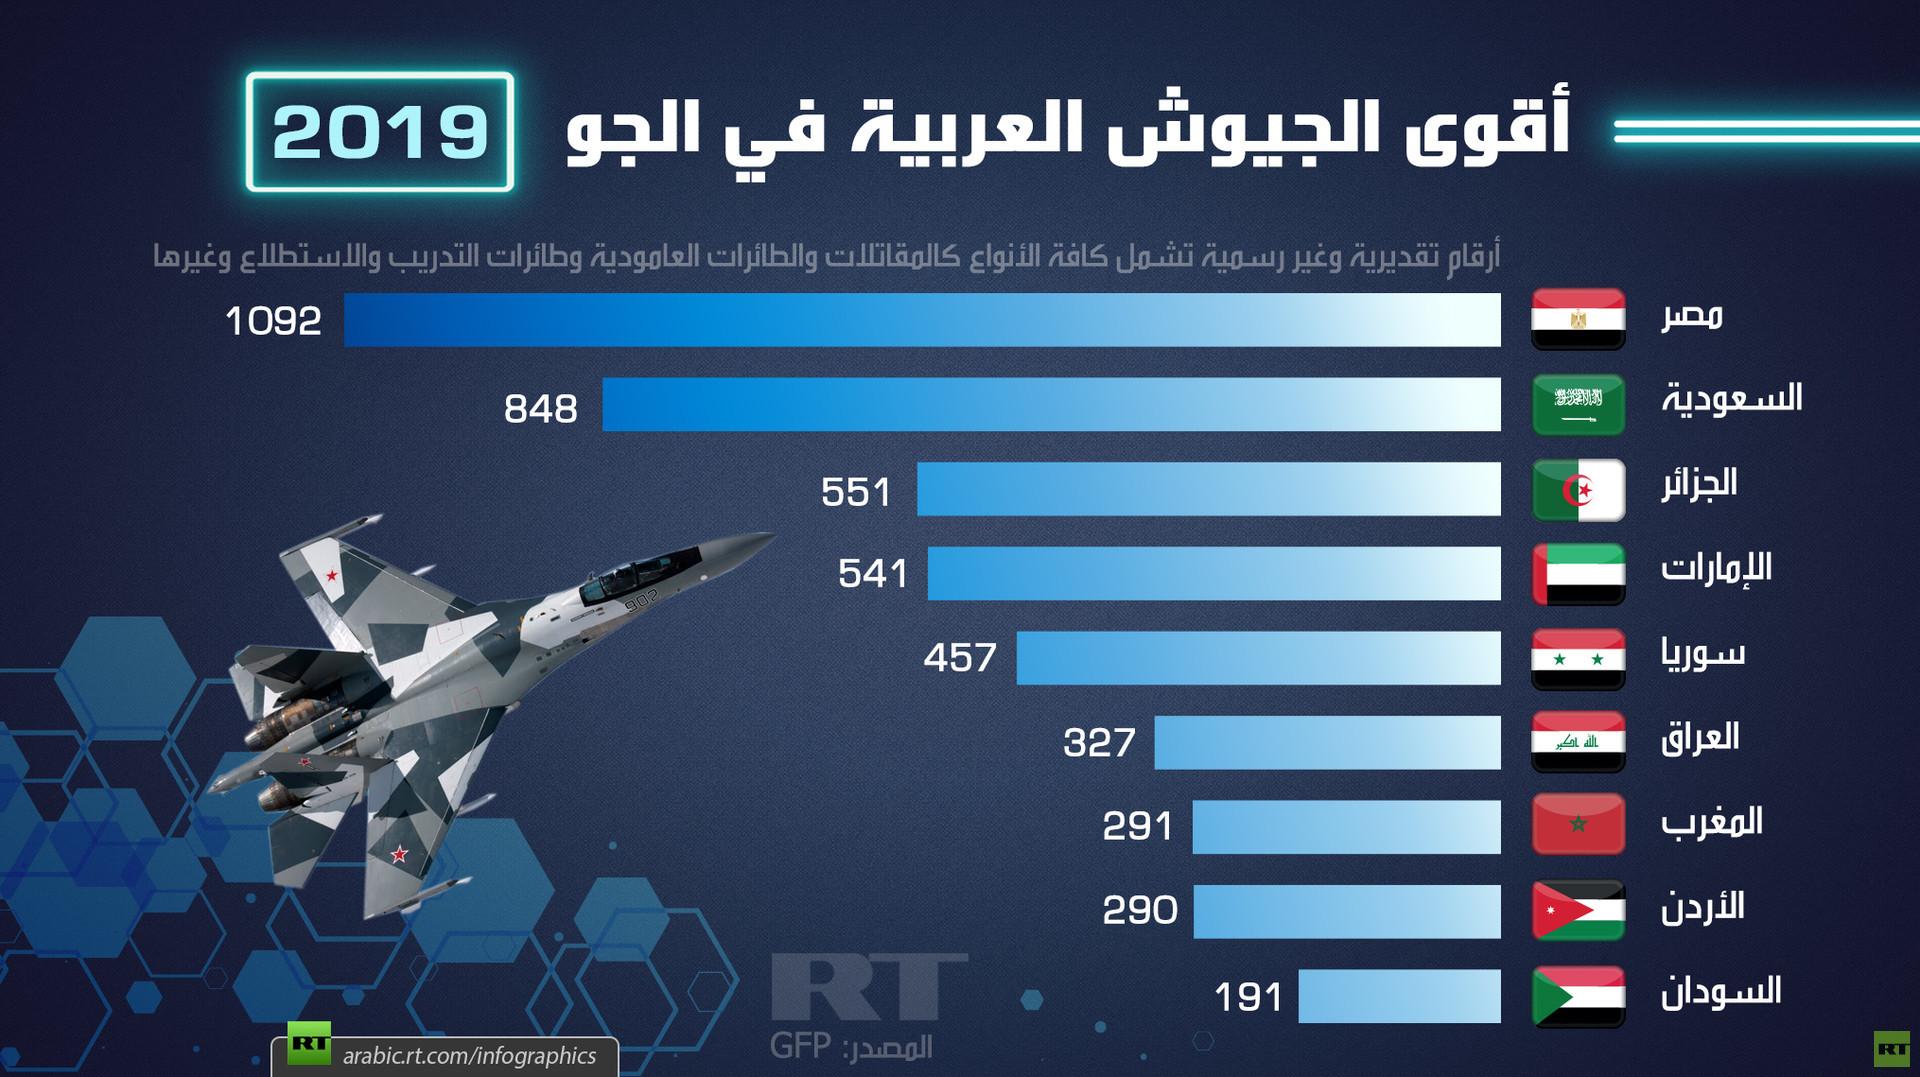 أقوى الجيوش العربية في الجو 2019